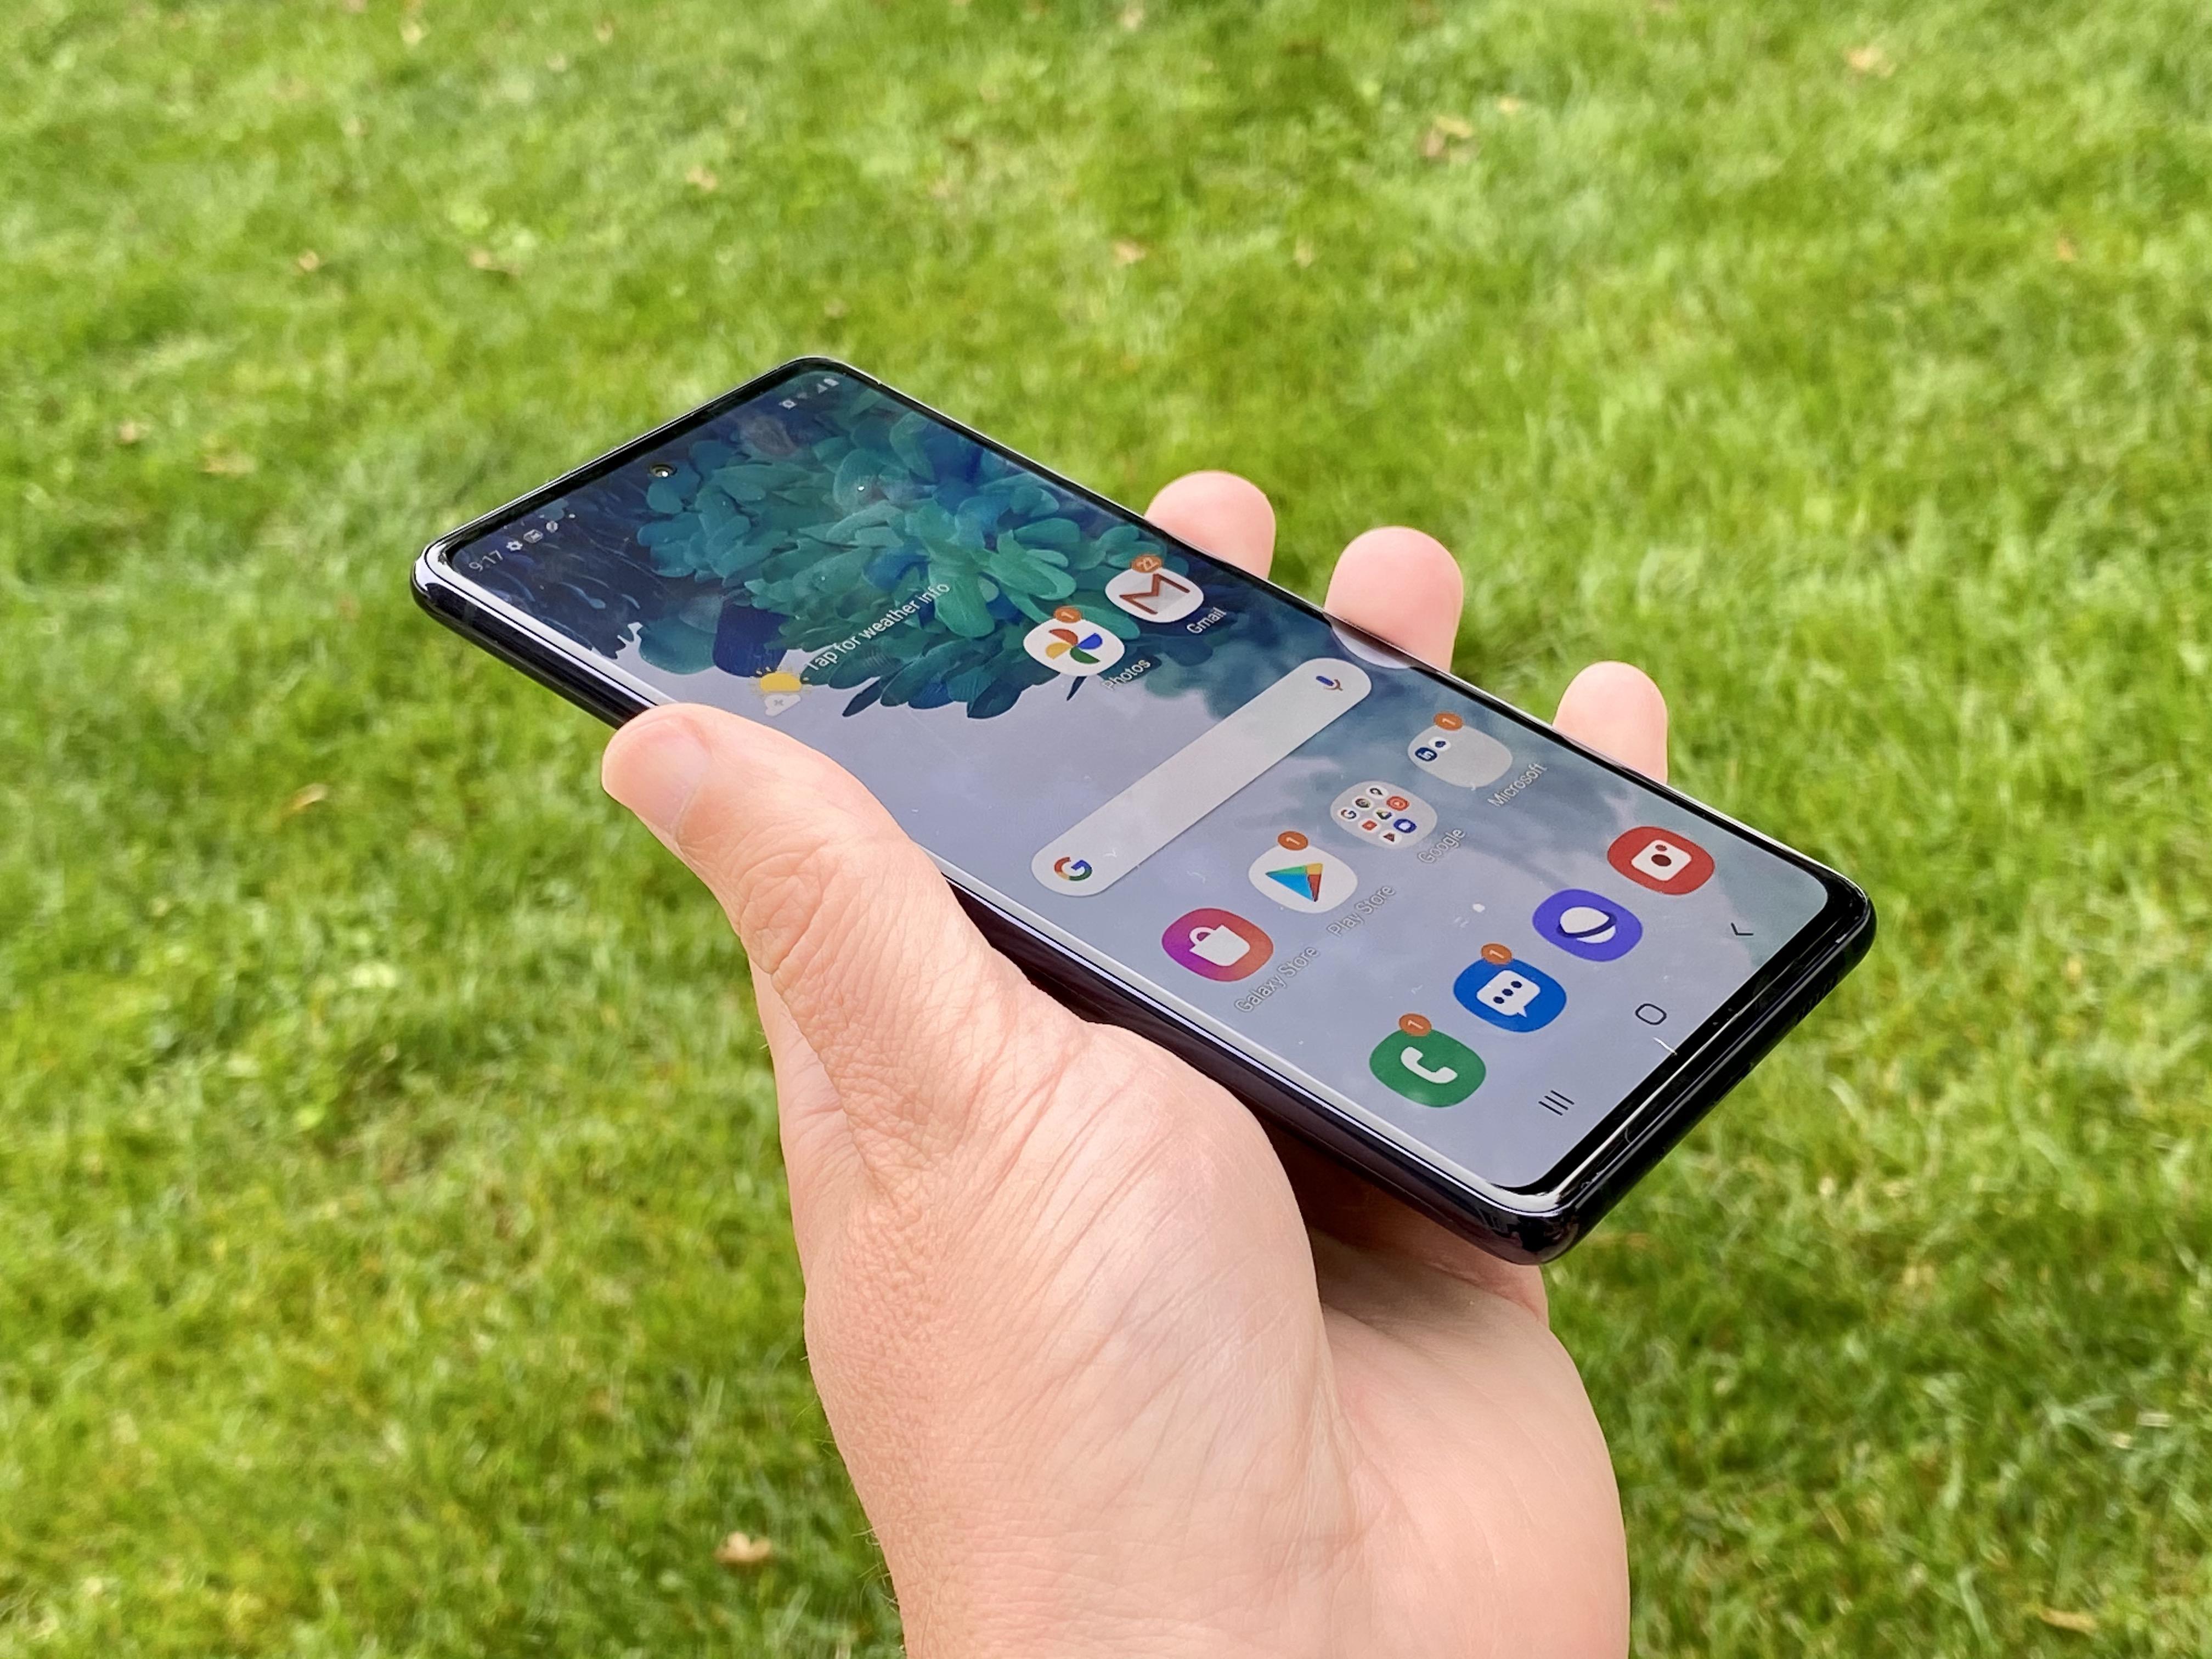 Best Samsung phones: Samsung Galaxy S20 FE